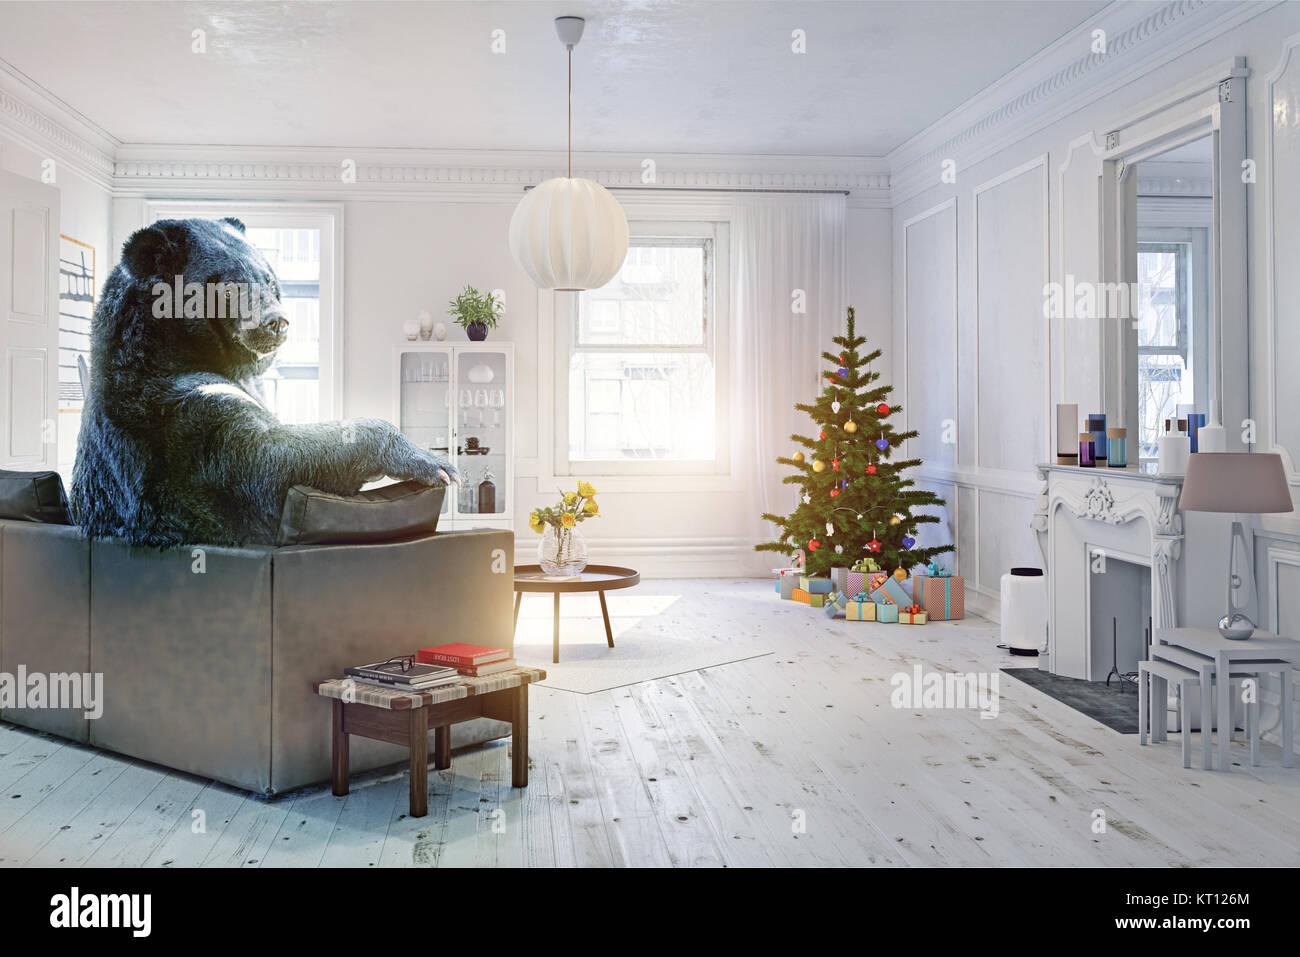 Der Bär entspannen in der Weihnachtsfeier eingerichtete Zimmer auf dem Sofa. Kreative Abbildung. Foto- und Stockbild